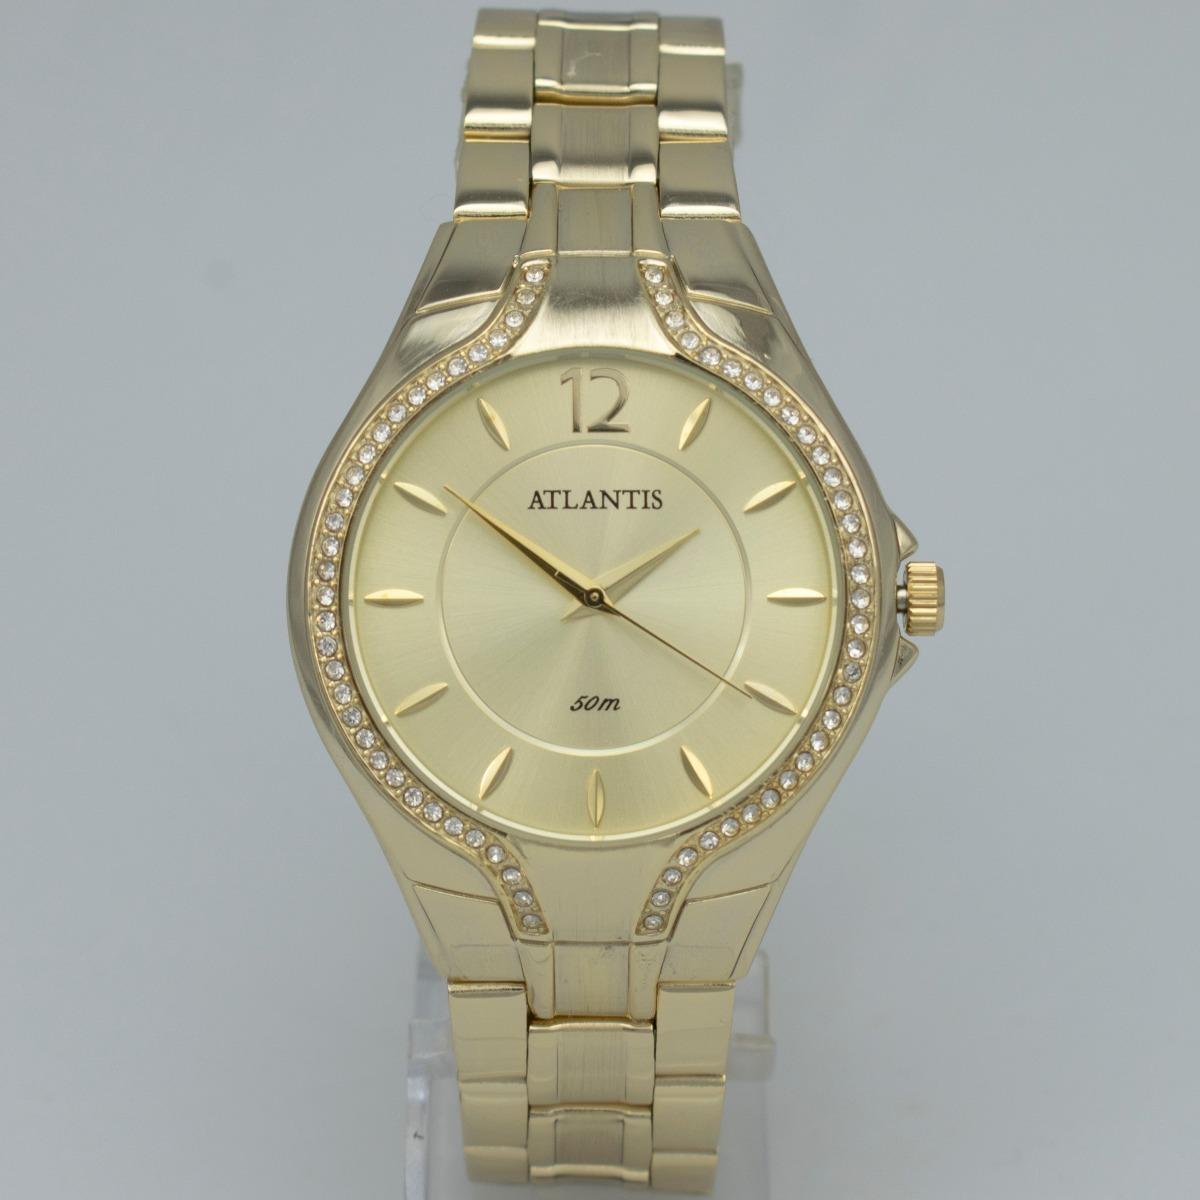 d338031cb64 relógio feminino atlantis dourado barato analógico quartz. Carregando zoom.